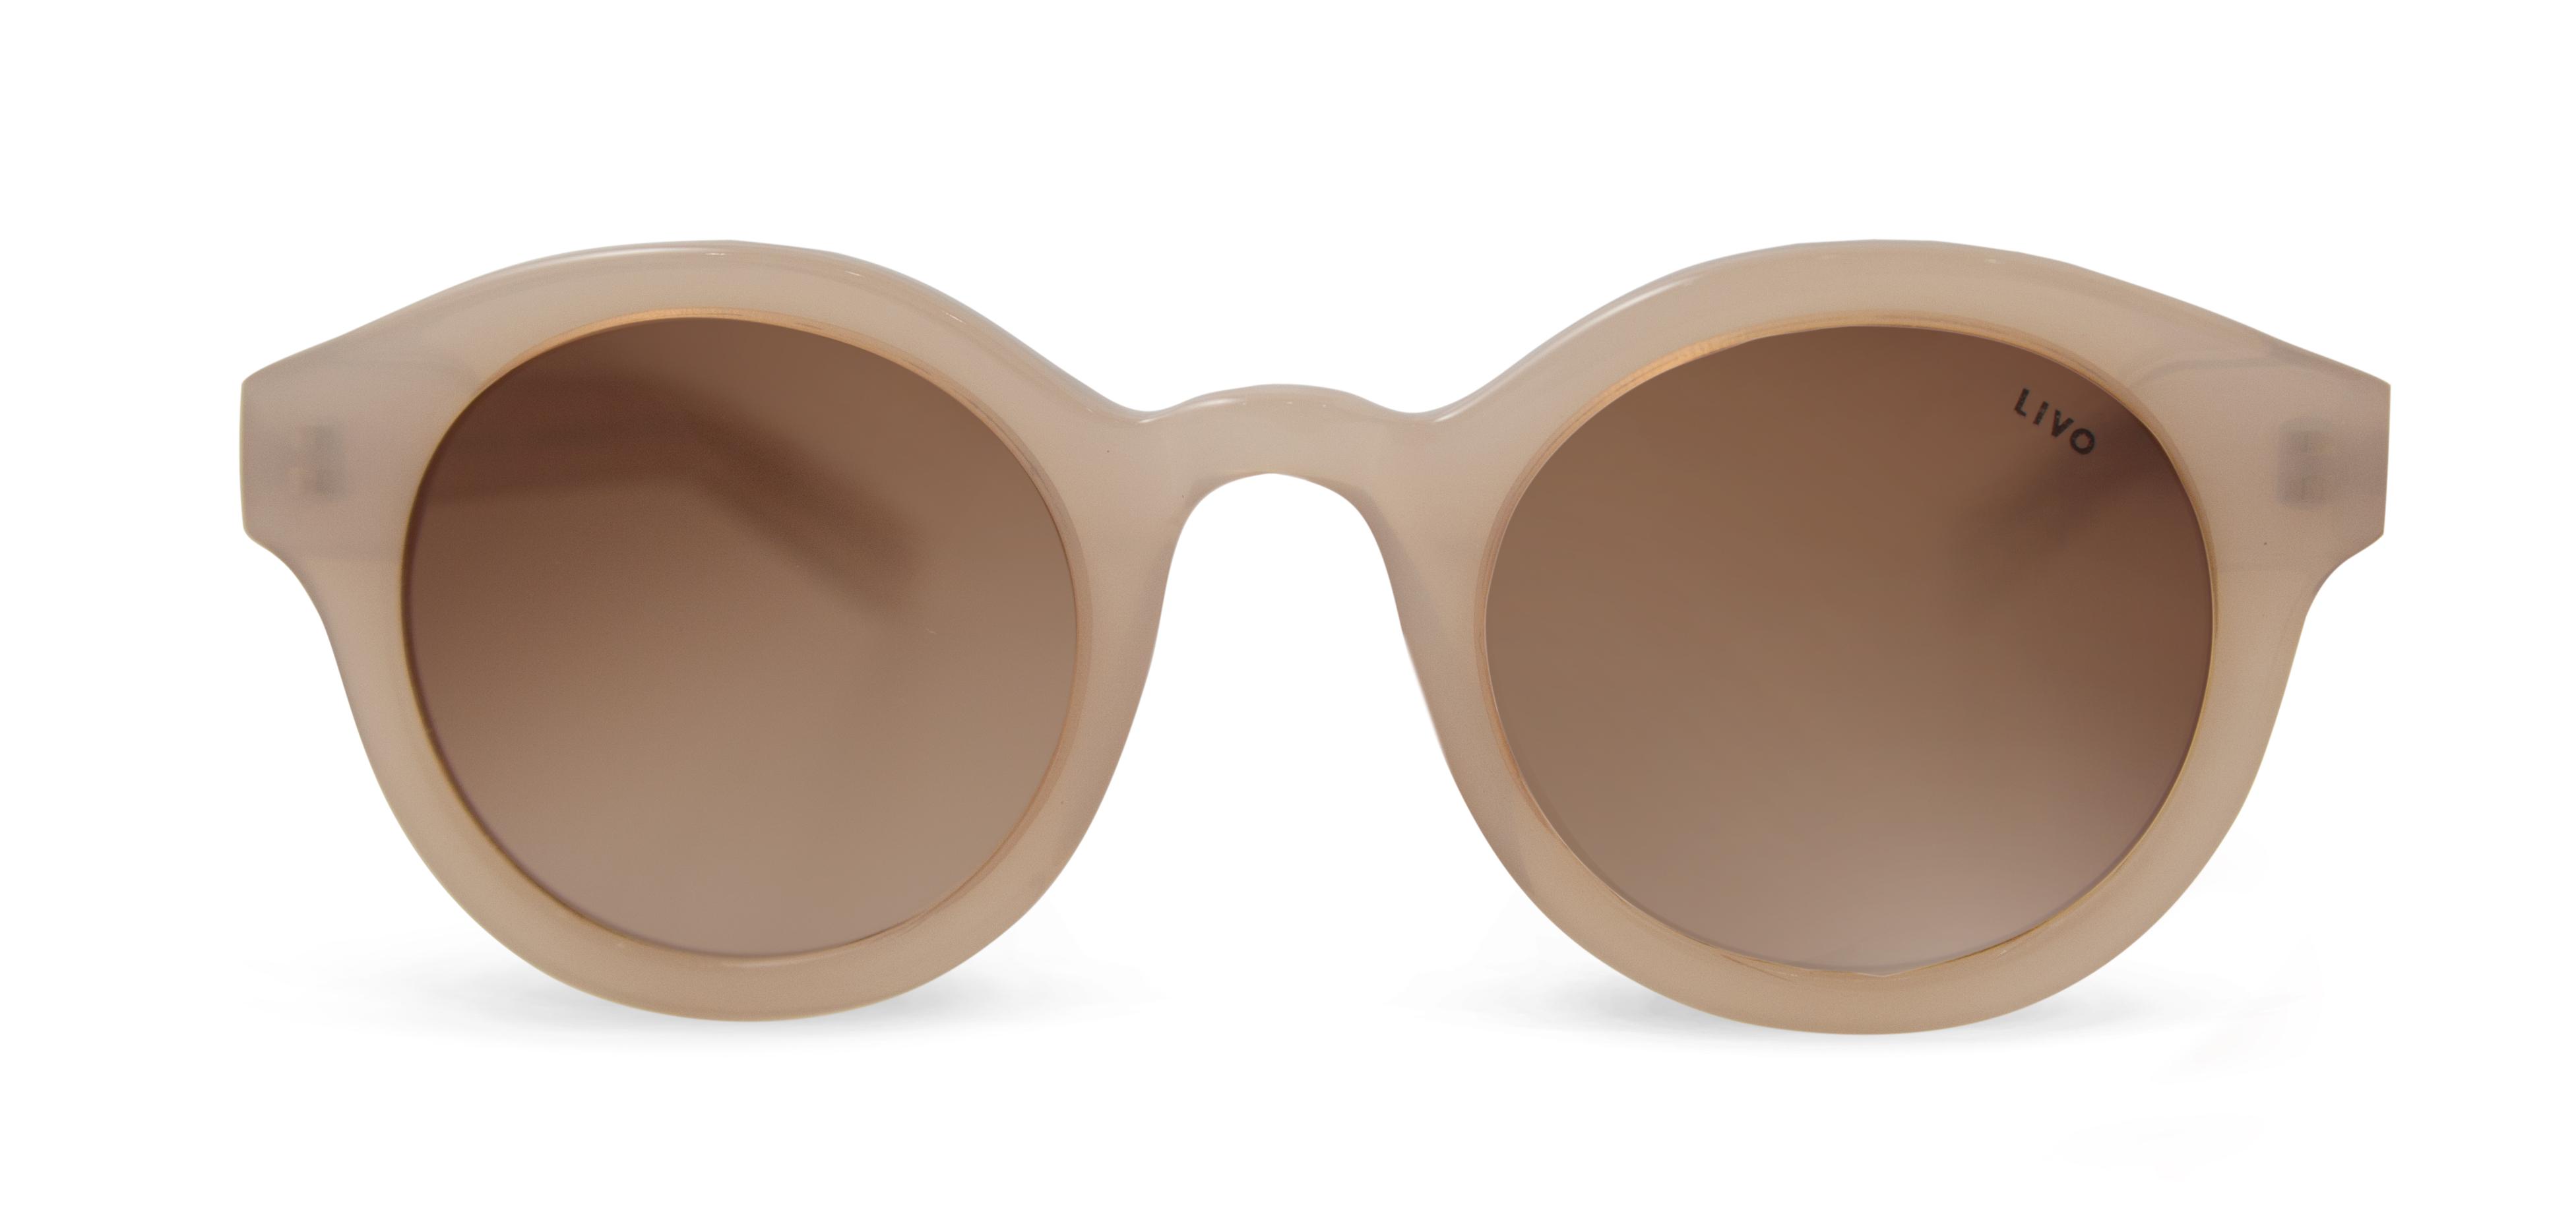 LIVO eyewear - louise - R$429,00 (1)